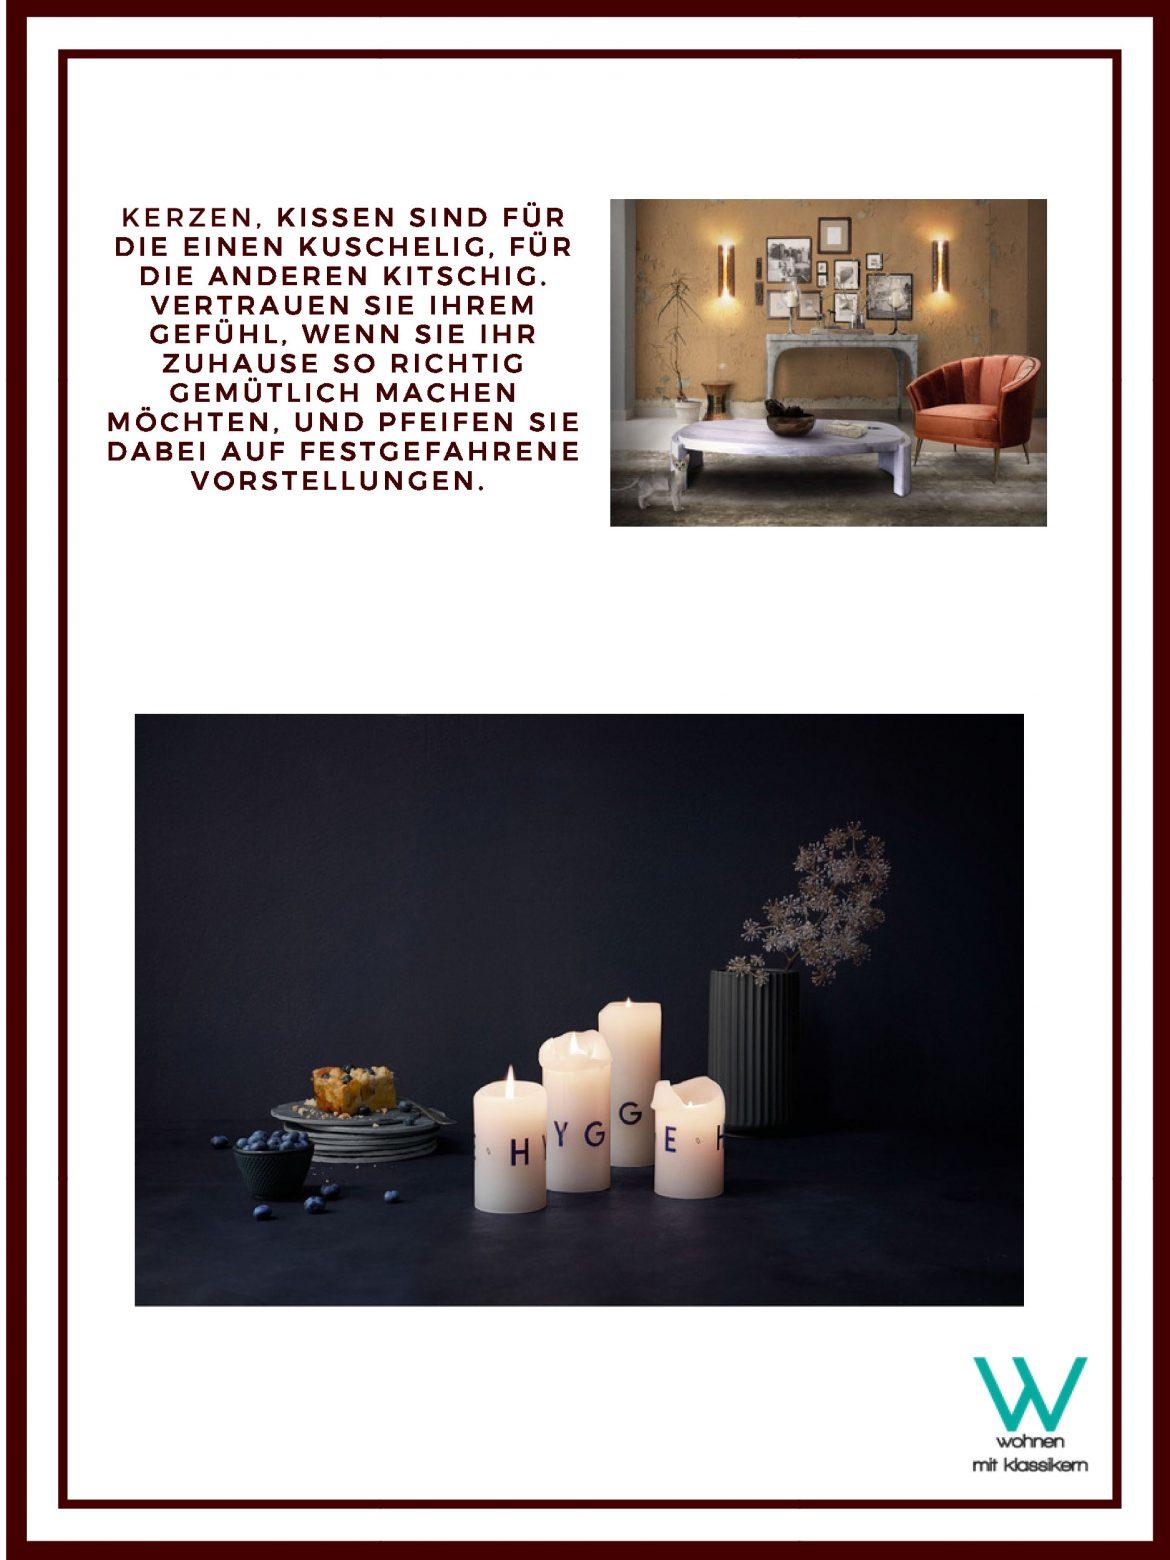 luxuriöse Möbel Das luxuriöse Möbel Geheimnisse der Gemütlichkeit DAS LUXURI  SE GEHEIMNIS DER GEM  TLICHKEIT 2